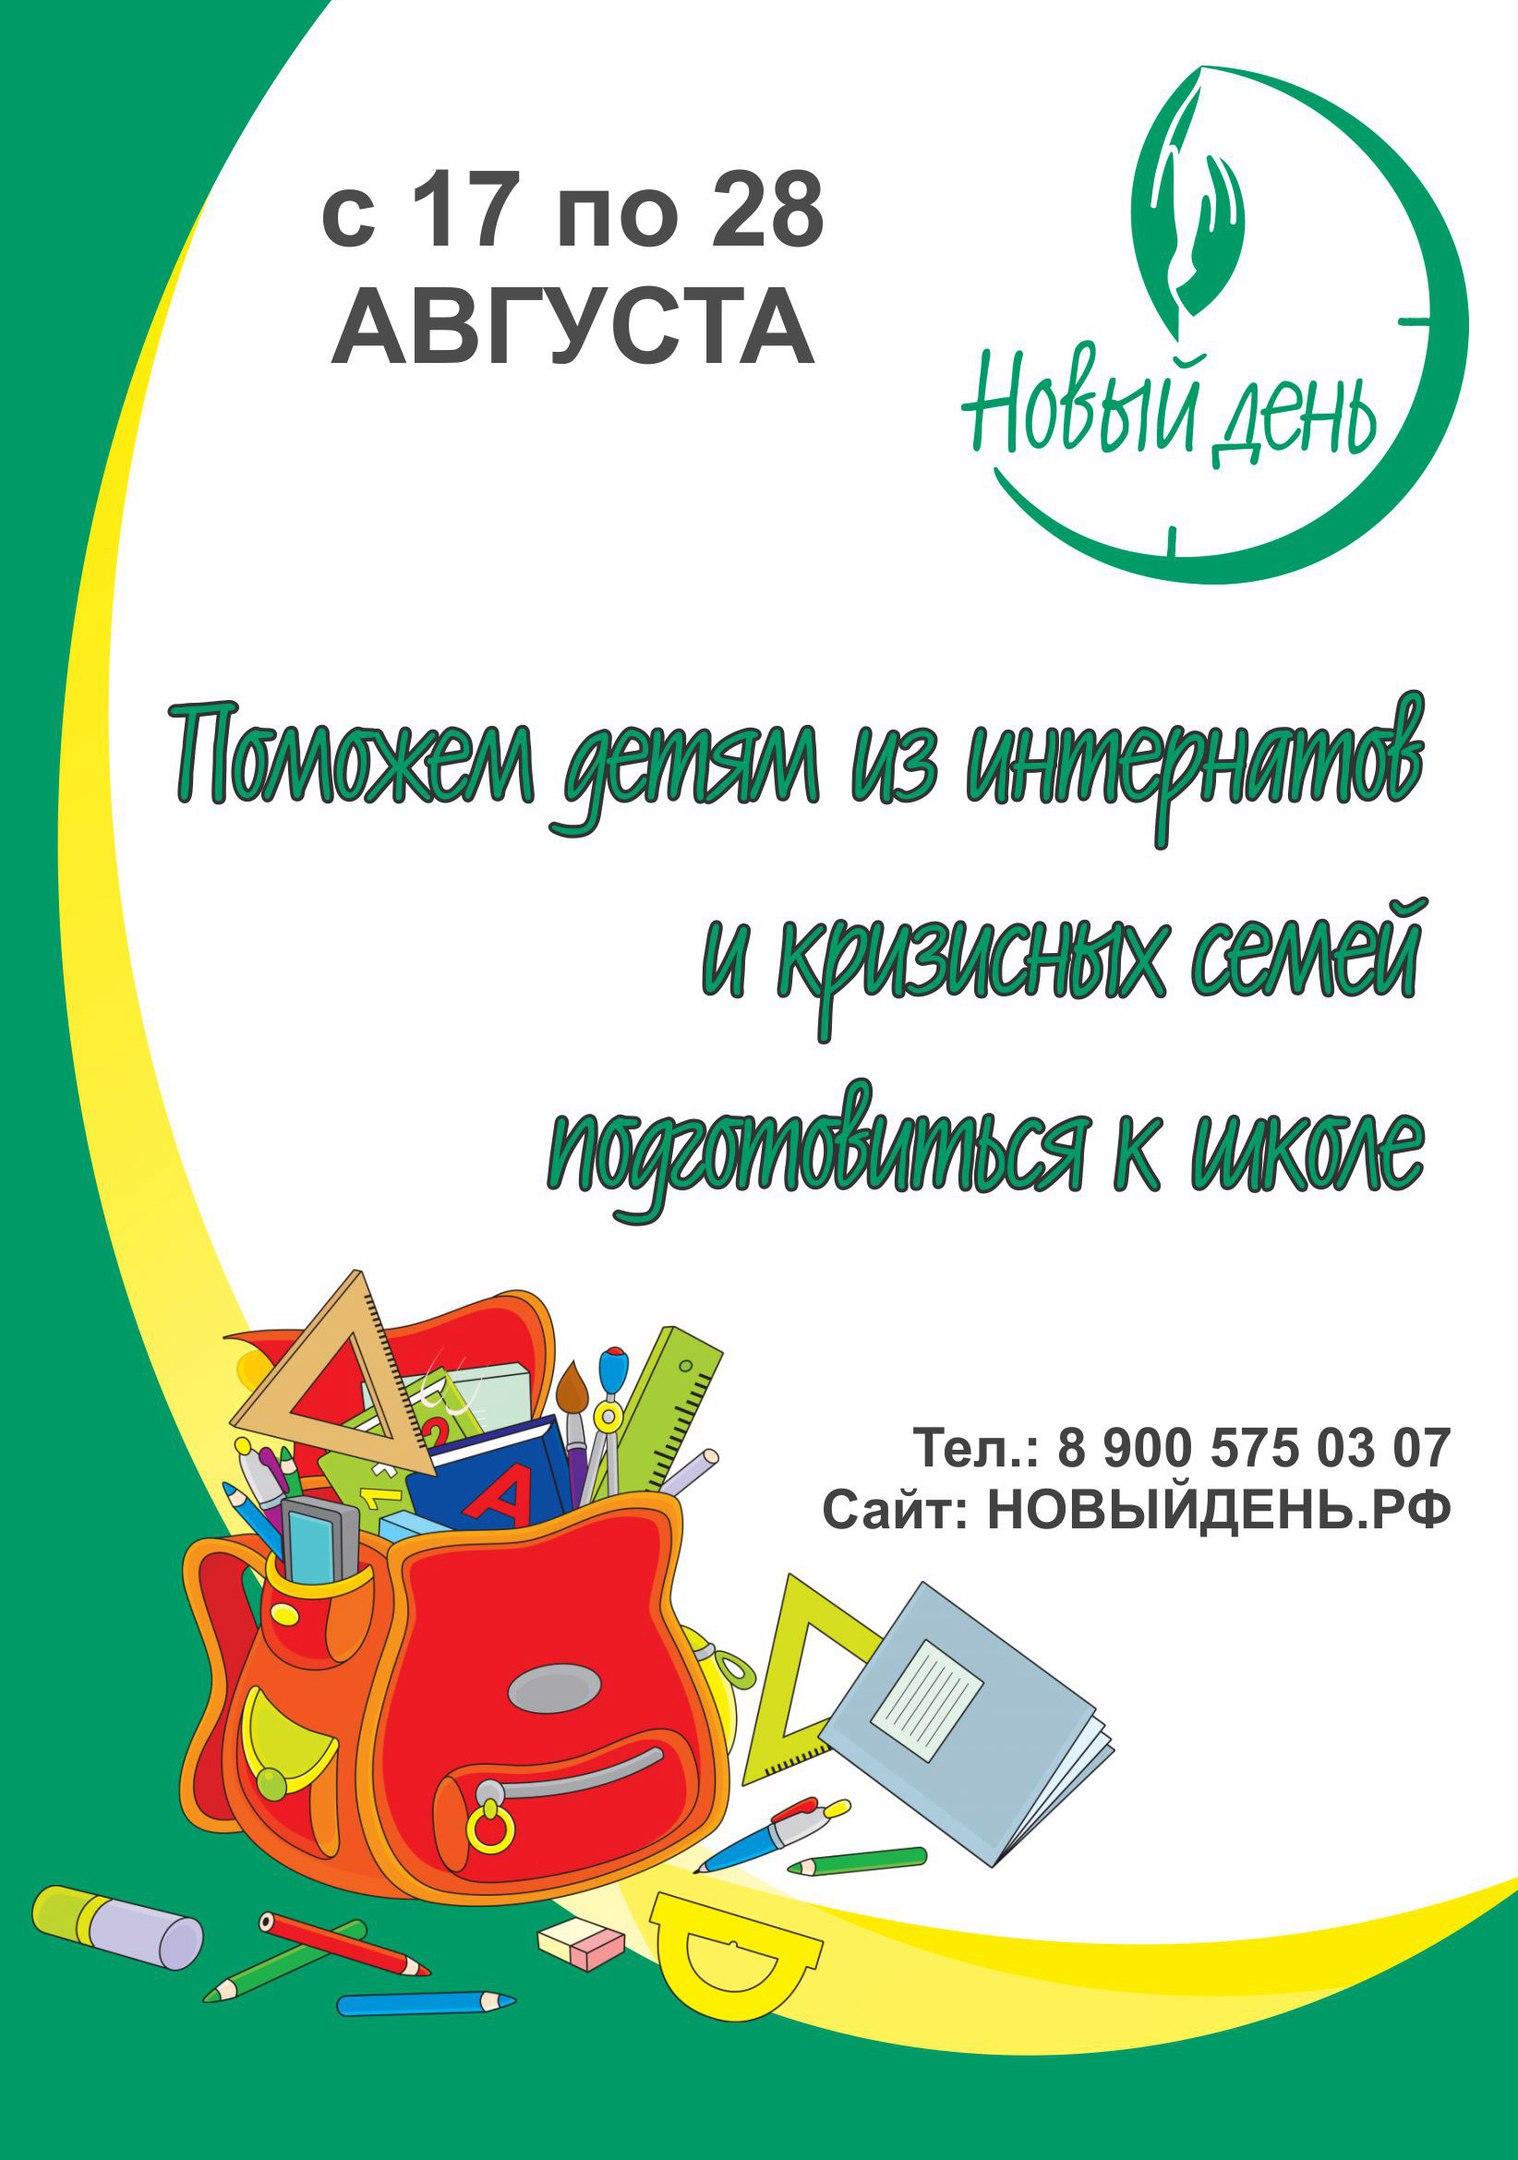 2F_vBsGAIR8